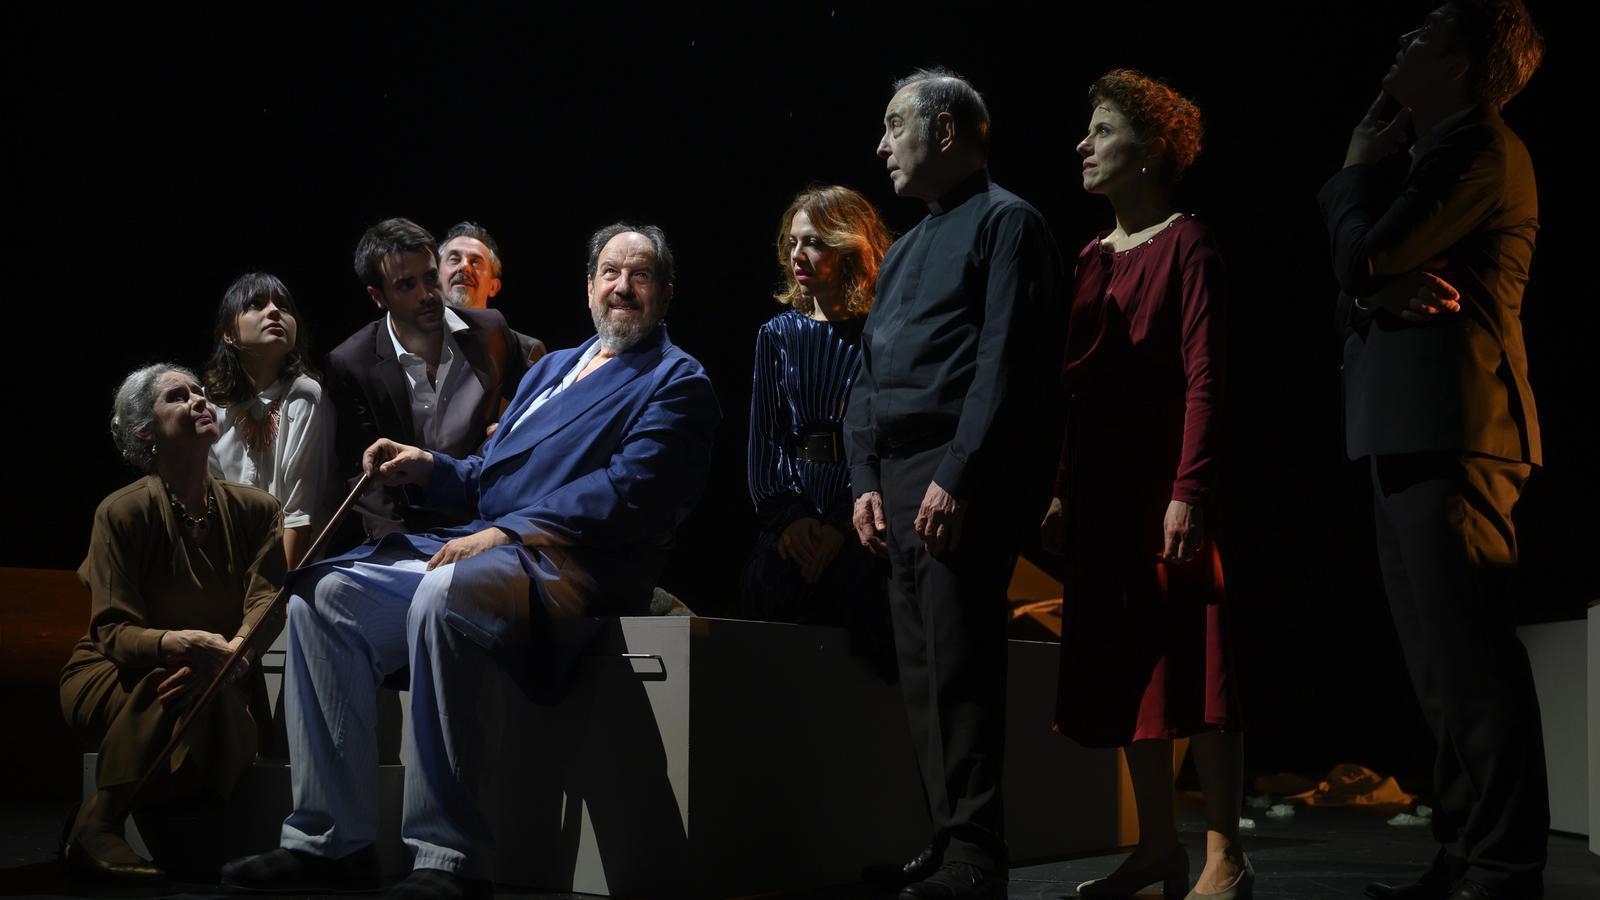 'Justícia' està protagonitzada per Josep Maria Pou, que interpreta un jutge jubilat